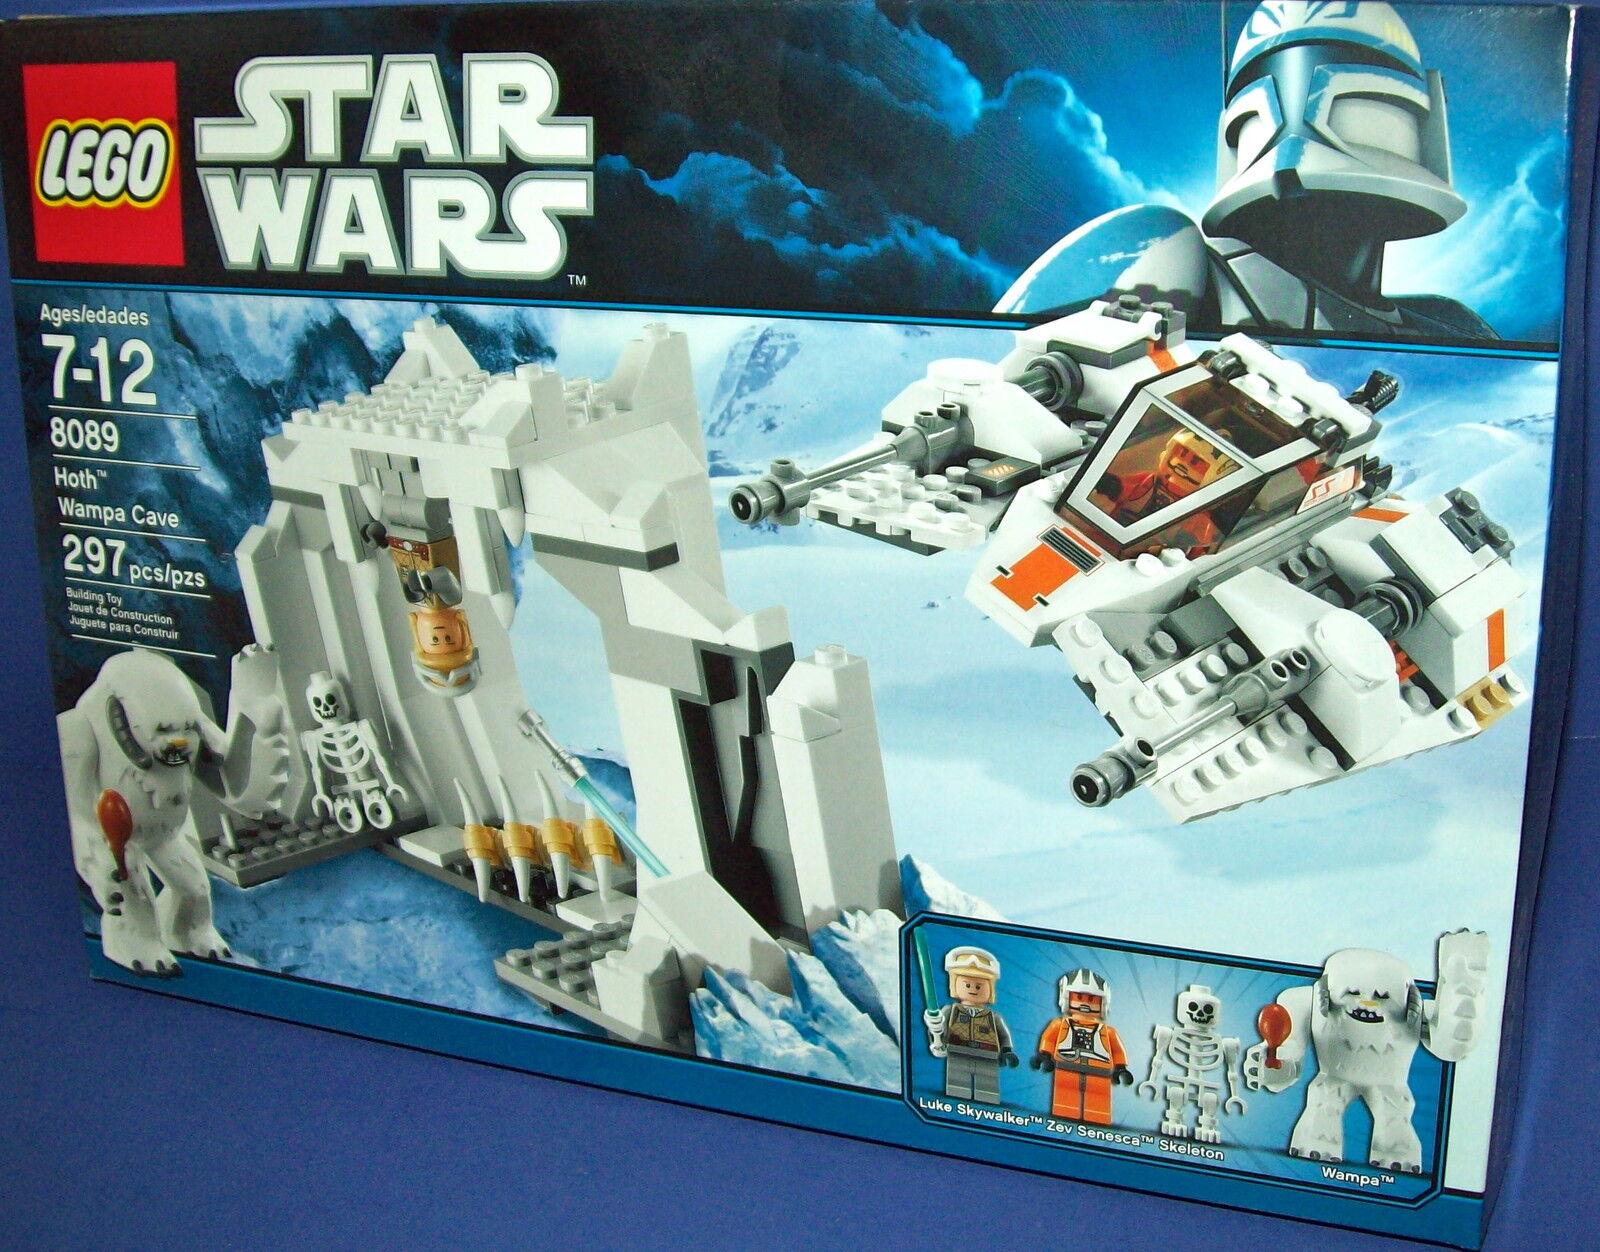 LEGO 8089 calienteH WAMPA CAVE estrella guerras RETIrosso nuovo  297 pcs  spedizione e scambi gratuiti.